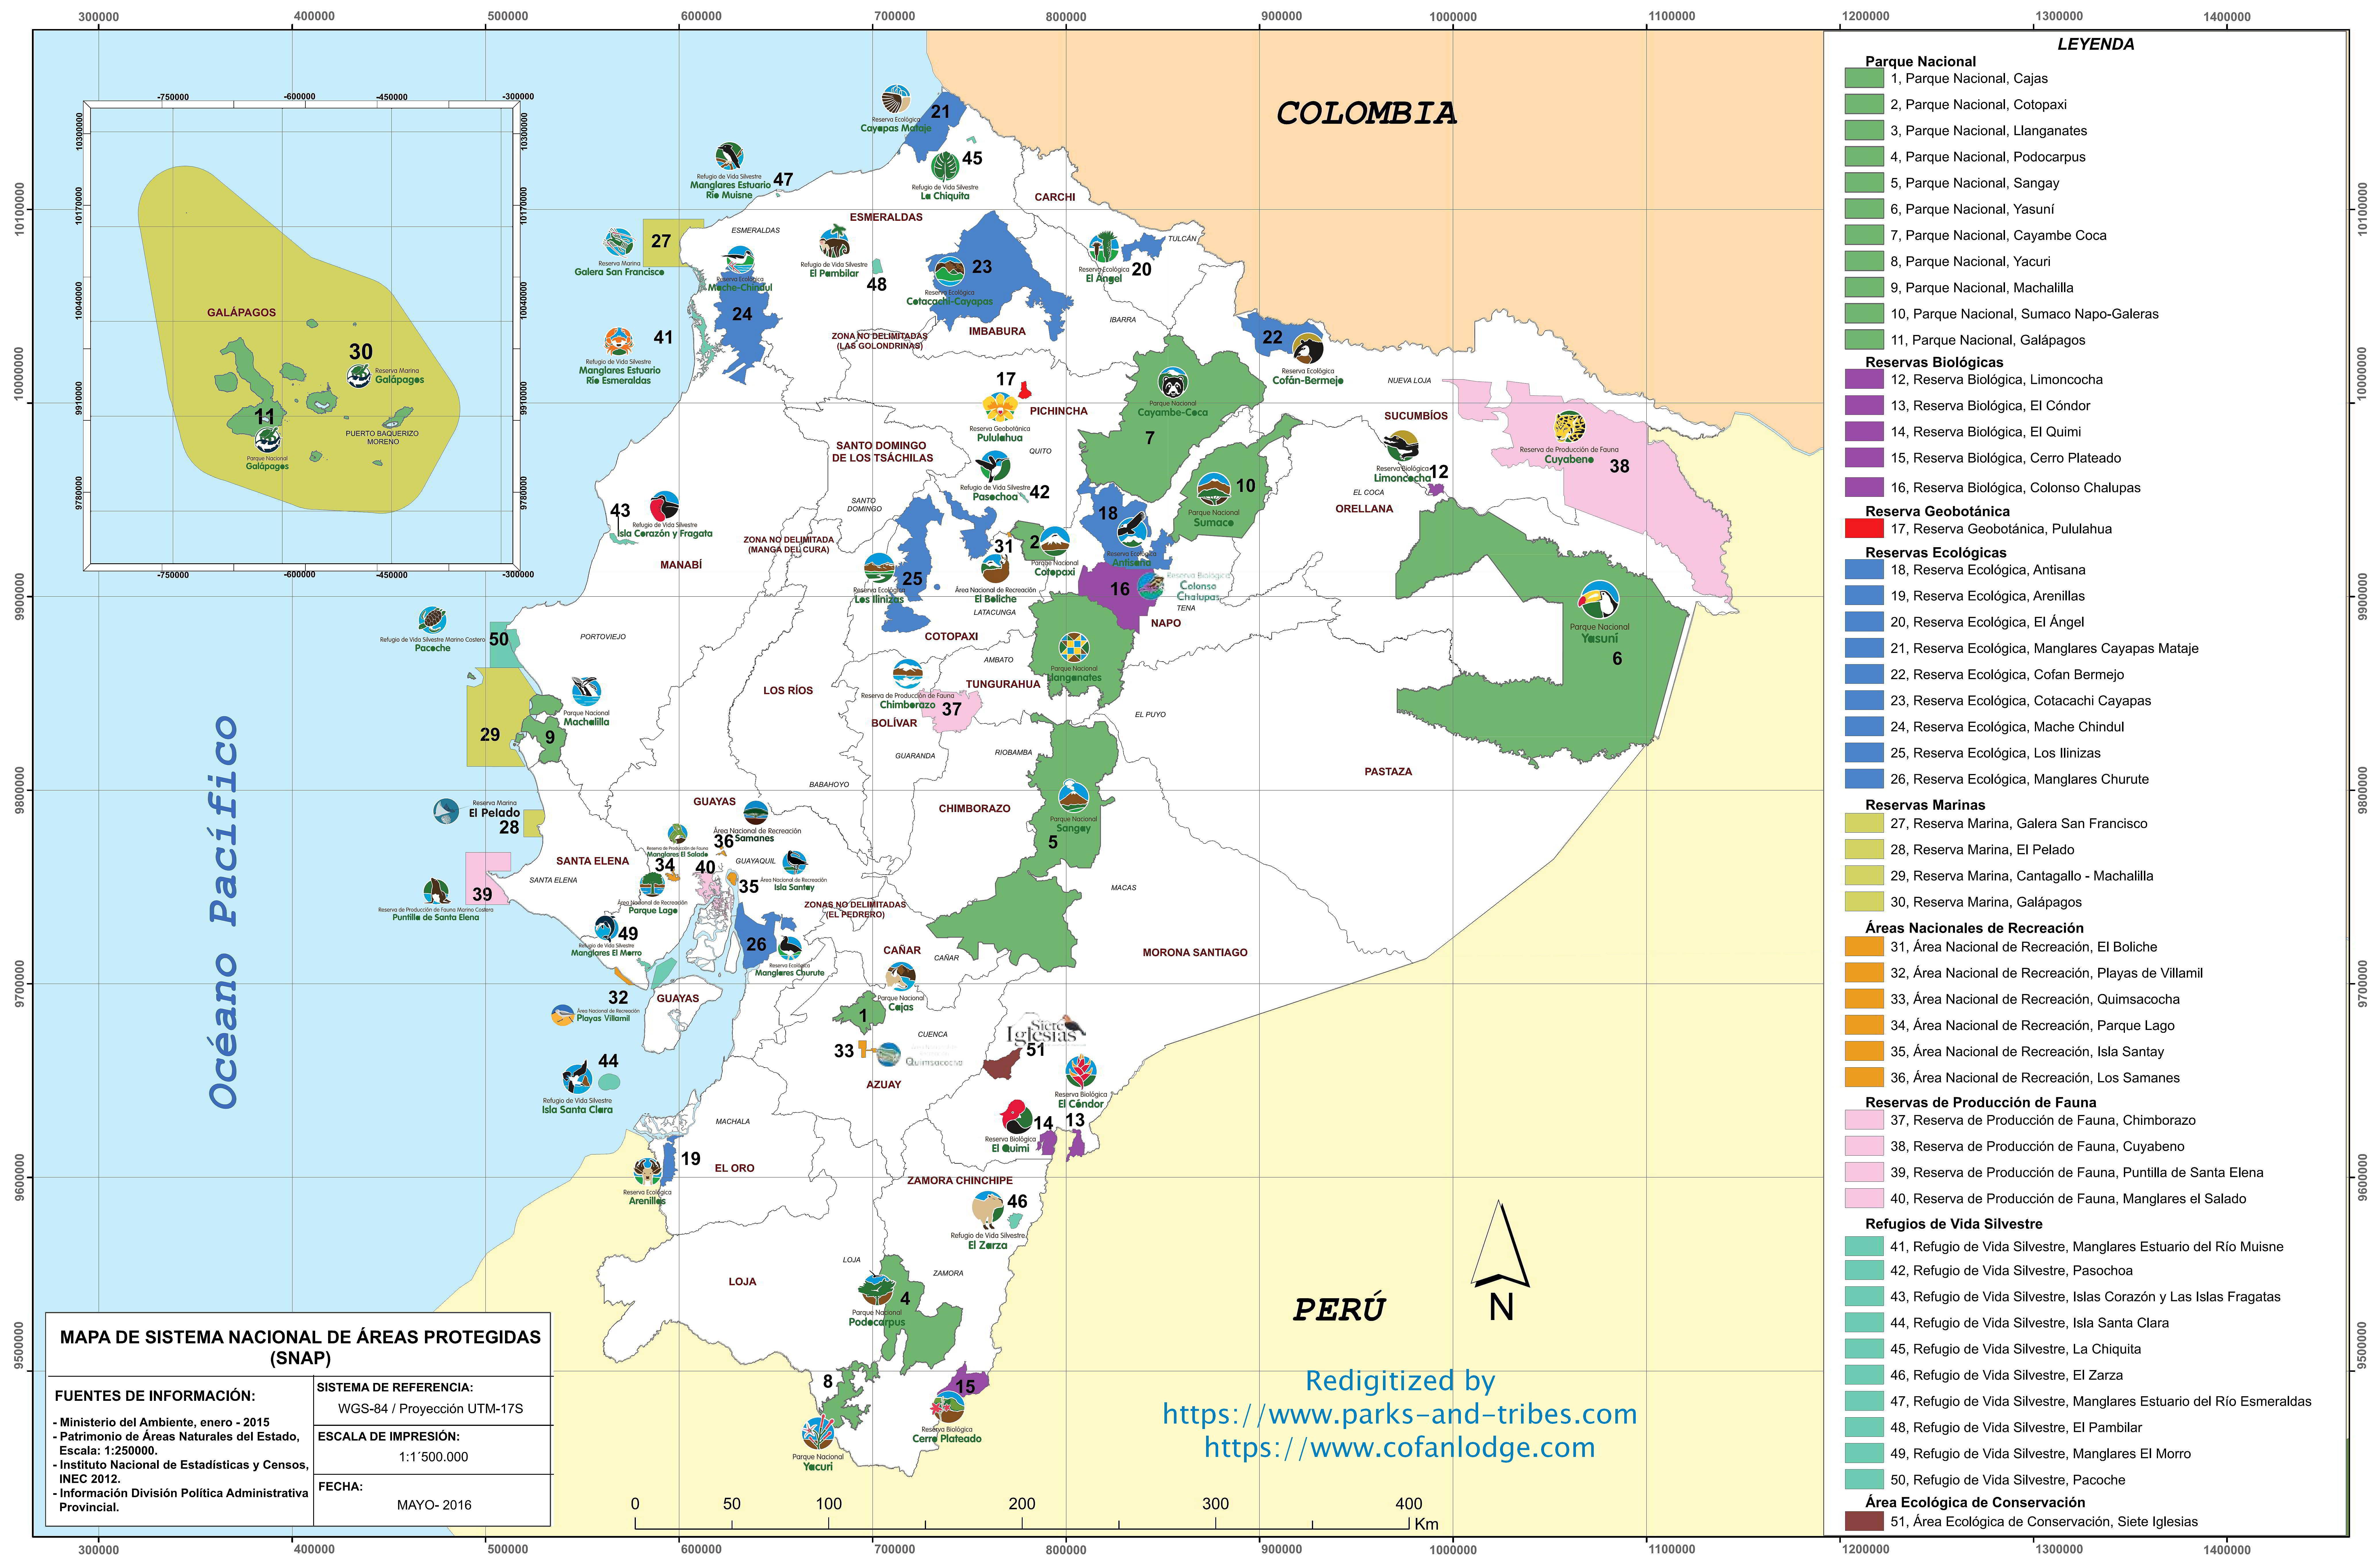 Turismo ecuador que visitar 100 mejores sitios 51 reas protegidas del ecuador gumiabroncs Image collections